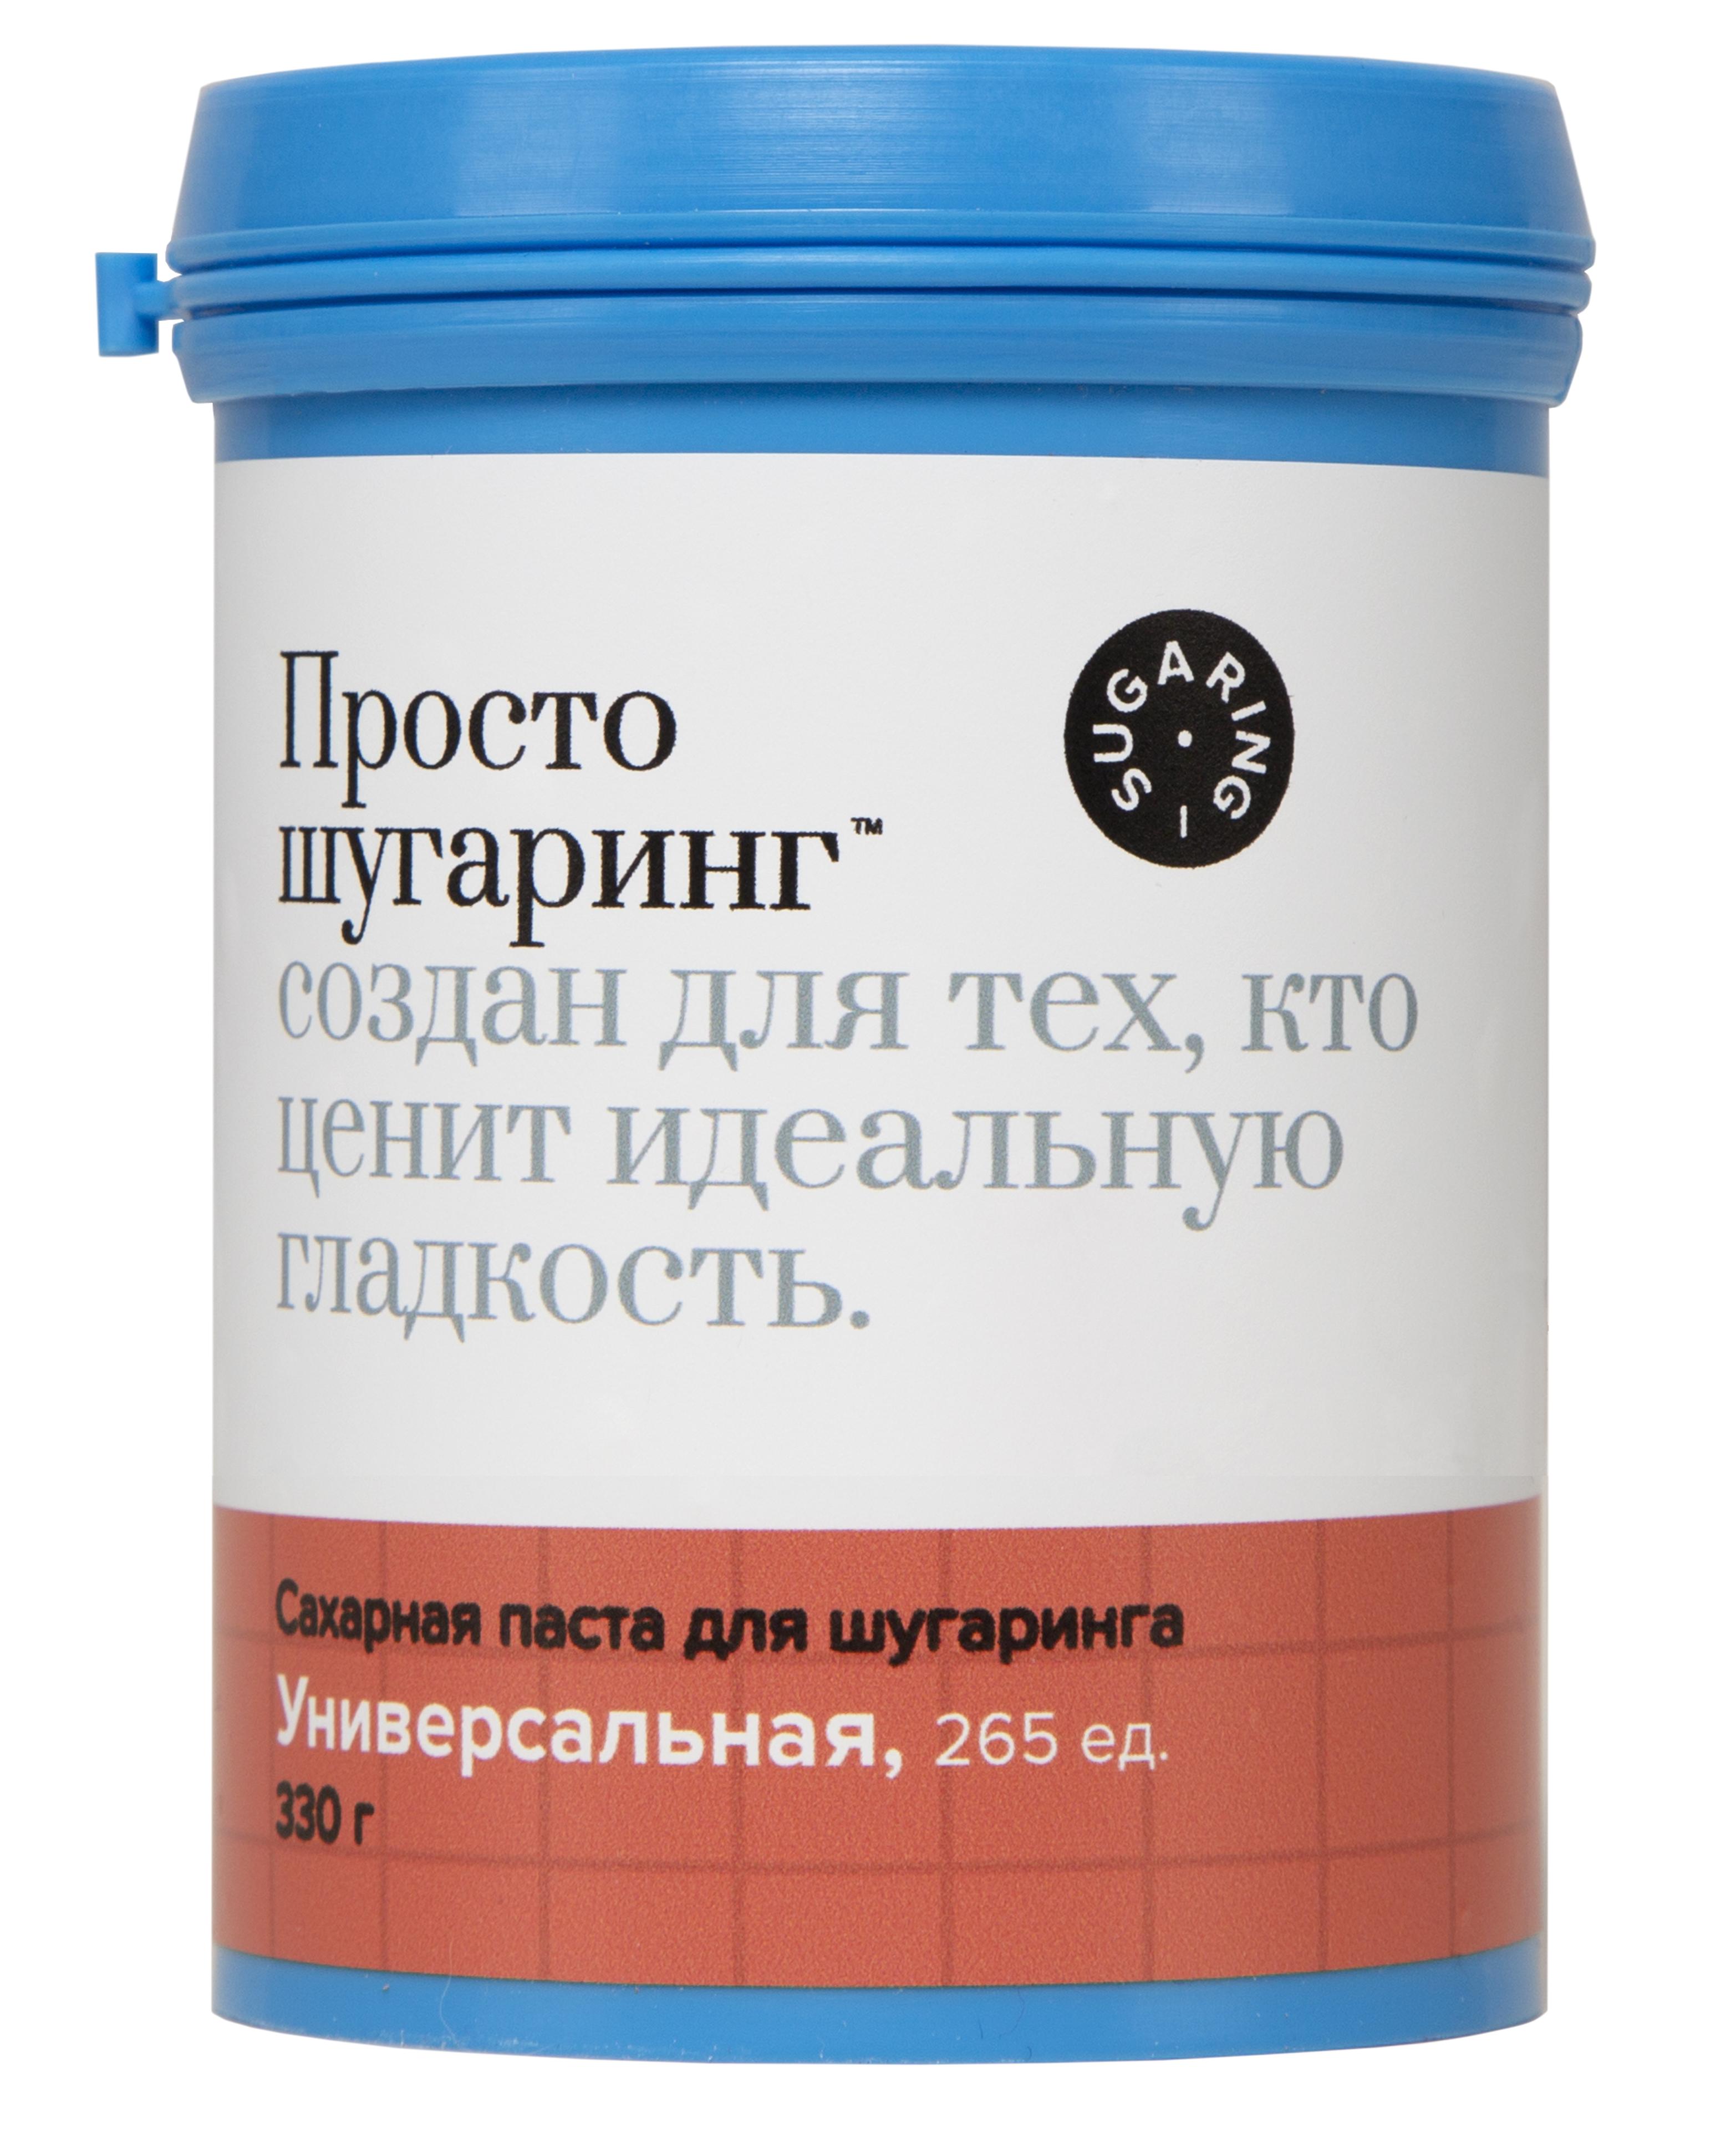 Сахарная паста для депиляции Просто шугаринг универсальная, Gloria, 0,33 кг